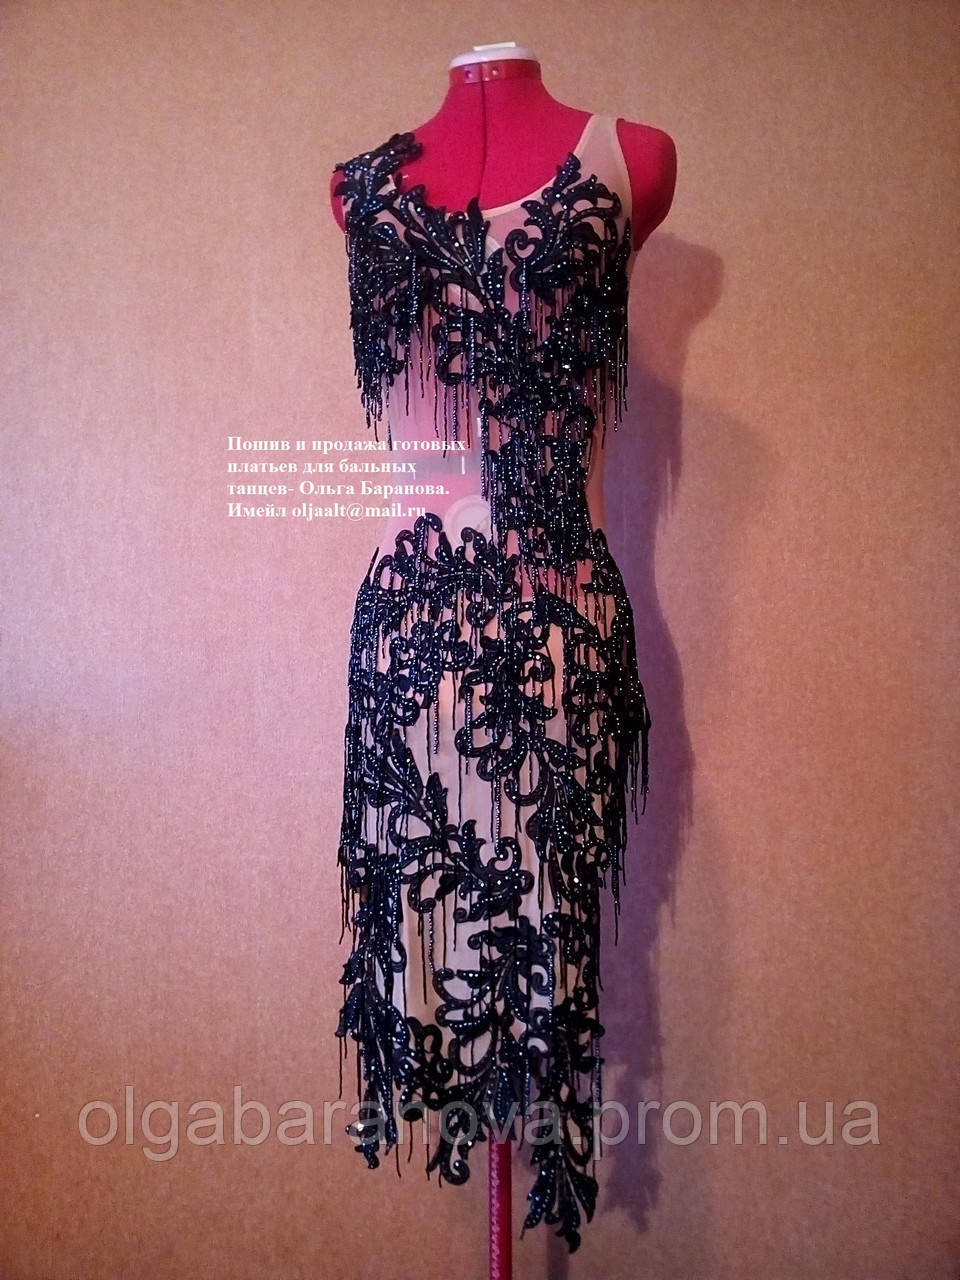 7736298d78e1589 Платье для спортивных бальных танцев - латина - Ателье по индивидуальному  пошиву платьев для бальных танцев